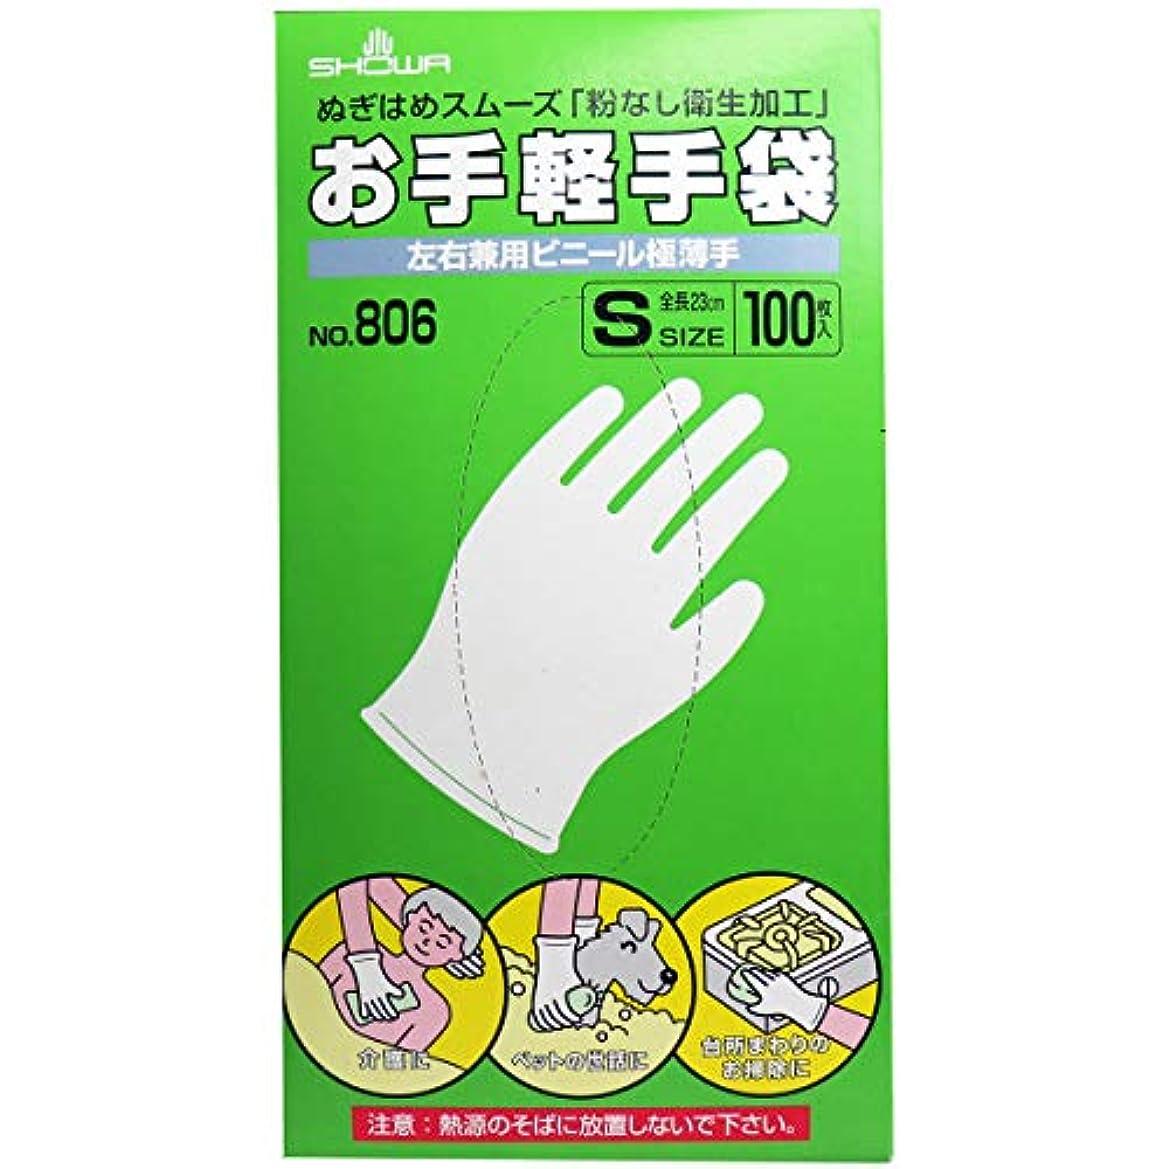 中絶宝オピエートお手軽手袋 No.806 左右兼用ビニール極薄手 粉なし Sサイズ 100枚入×5個セット